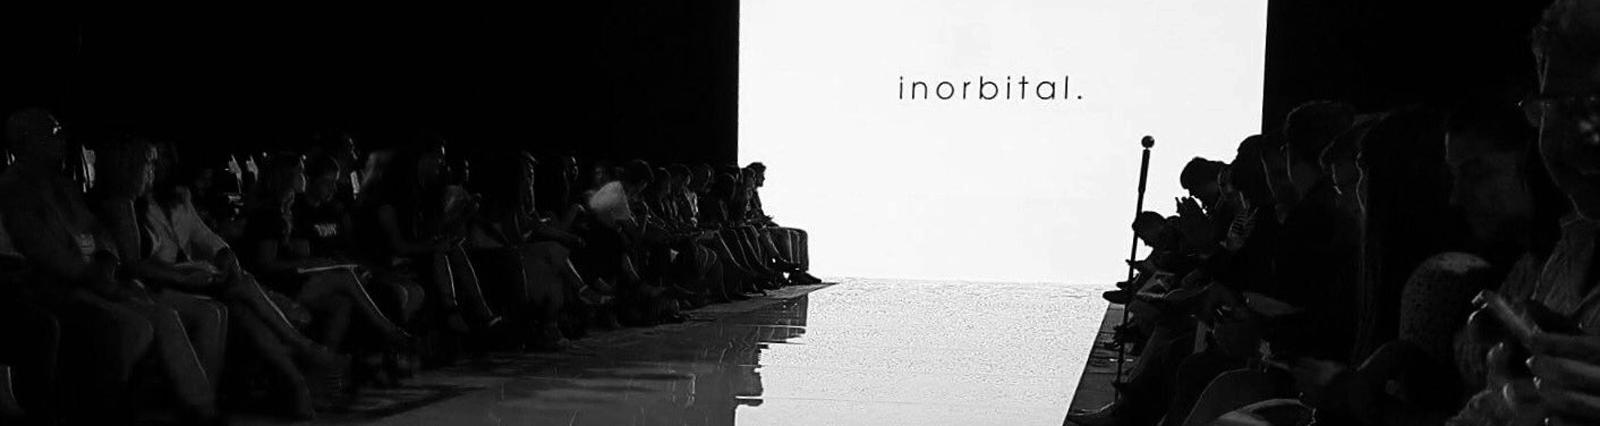 Inorbital